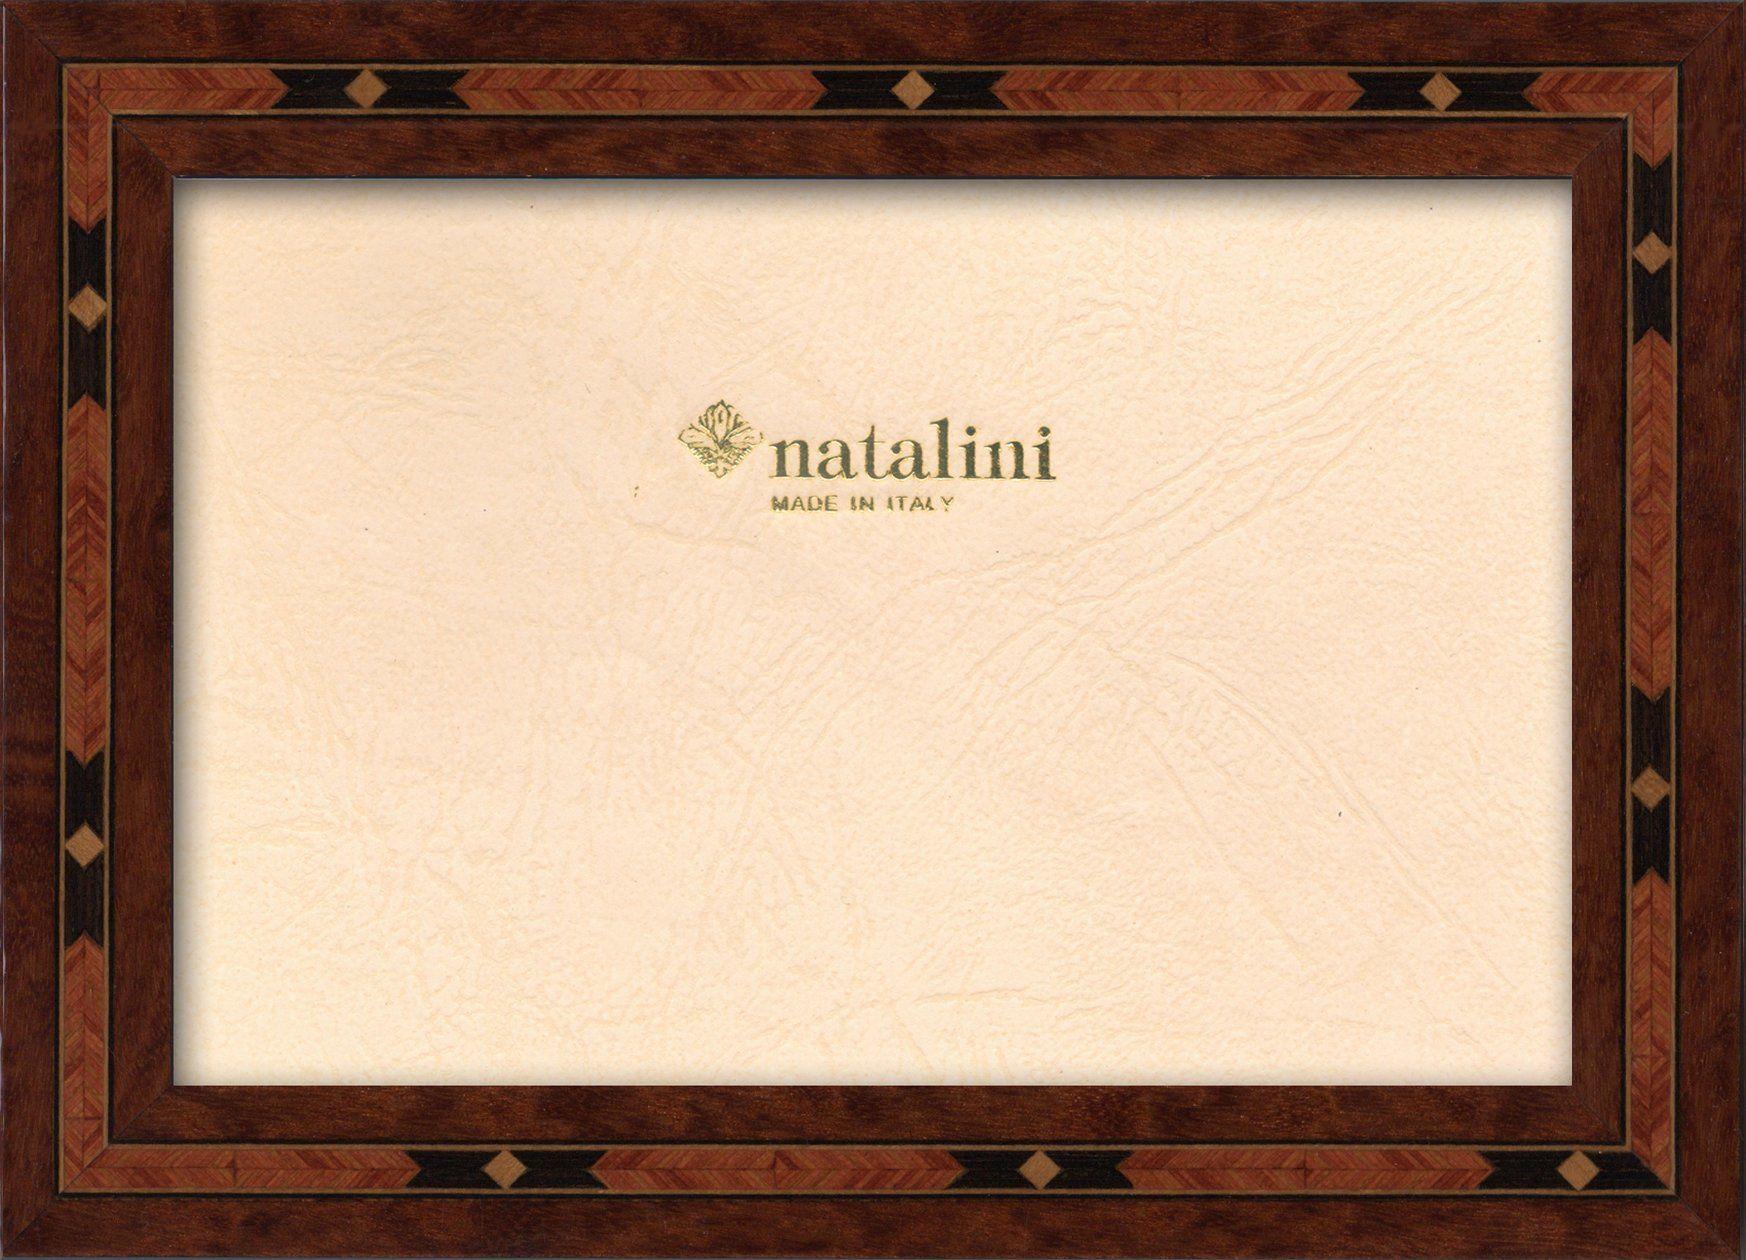 Ramka na zdjęcia Natalini MARQUETRY MADE IN ITALY, Tulipan, brązowa, 20 cm x 25 cm